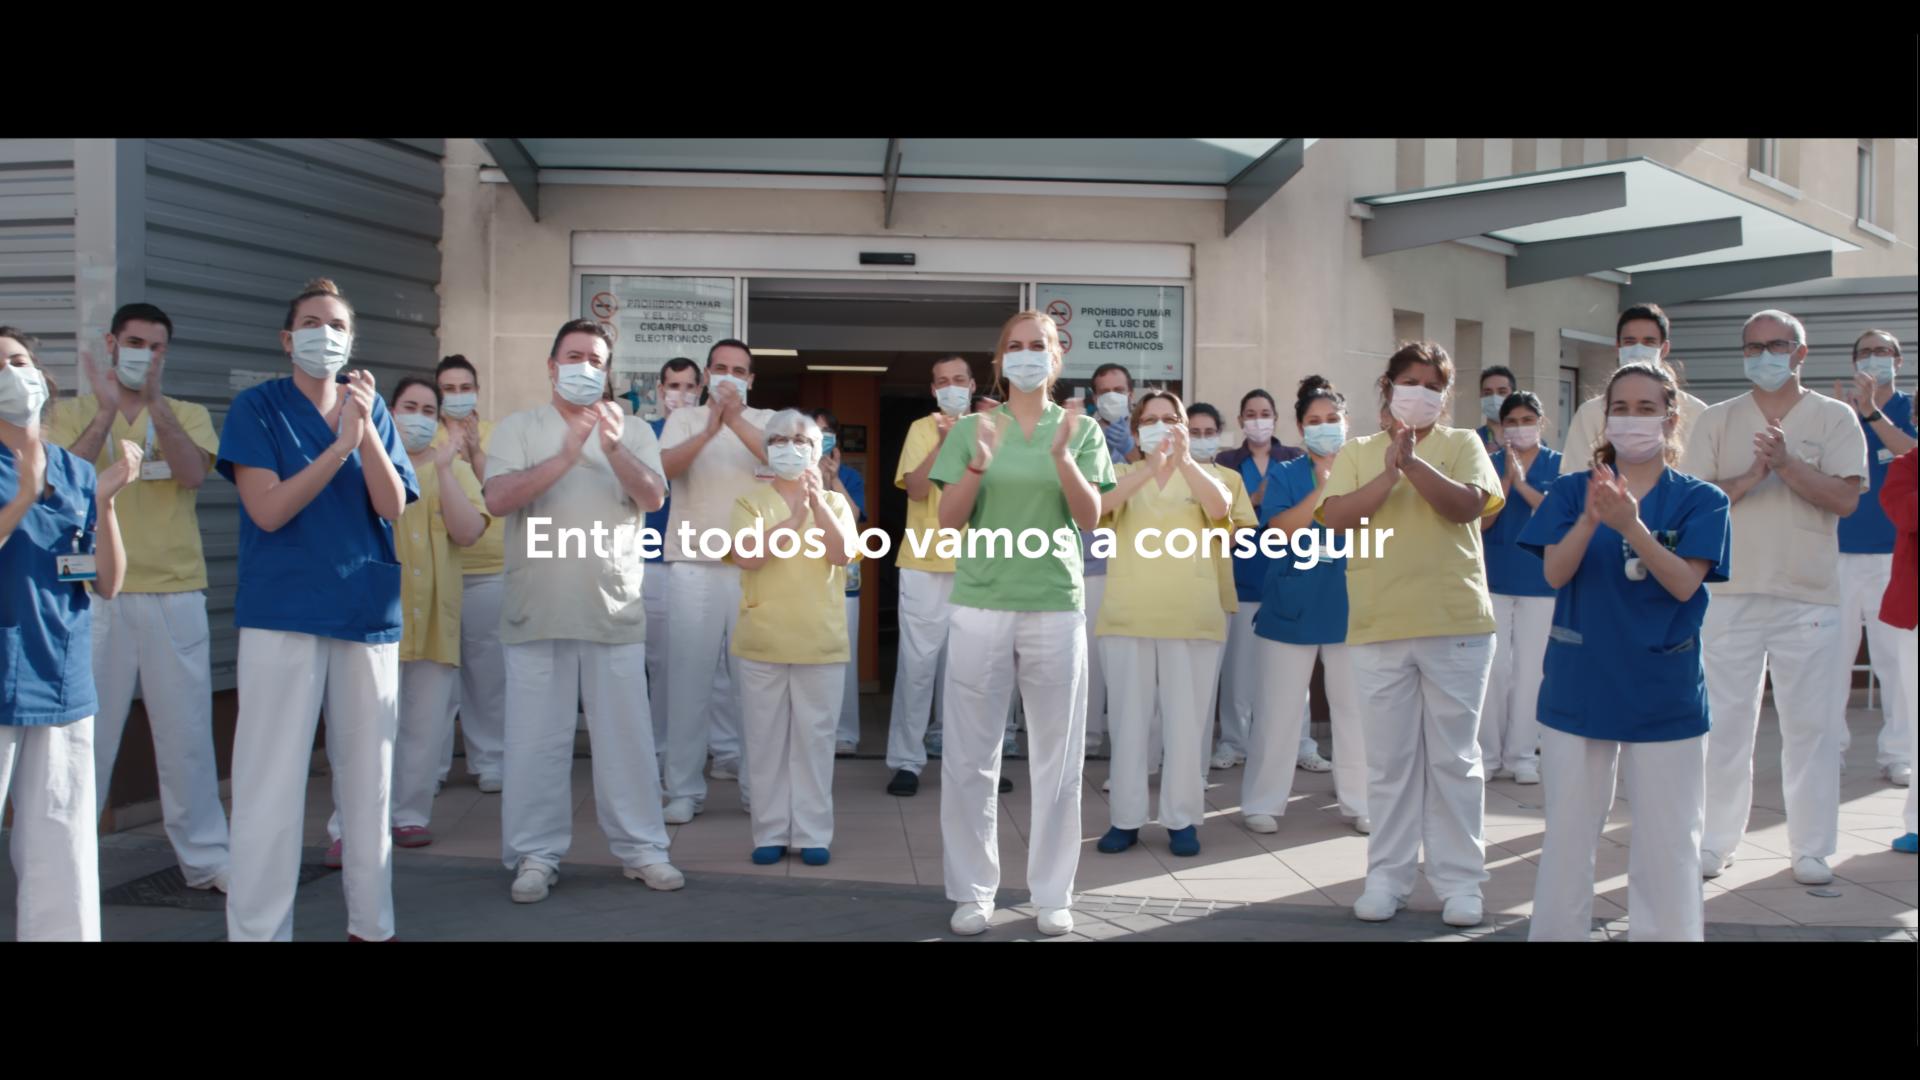 quedate-en-casa-rtve-el-exilio-anuncio-covid-tve-sanitarios-1920x1080.png